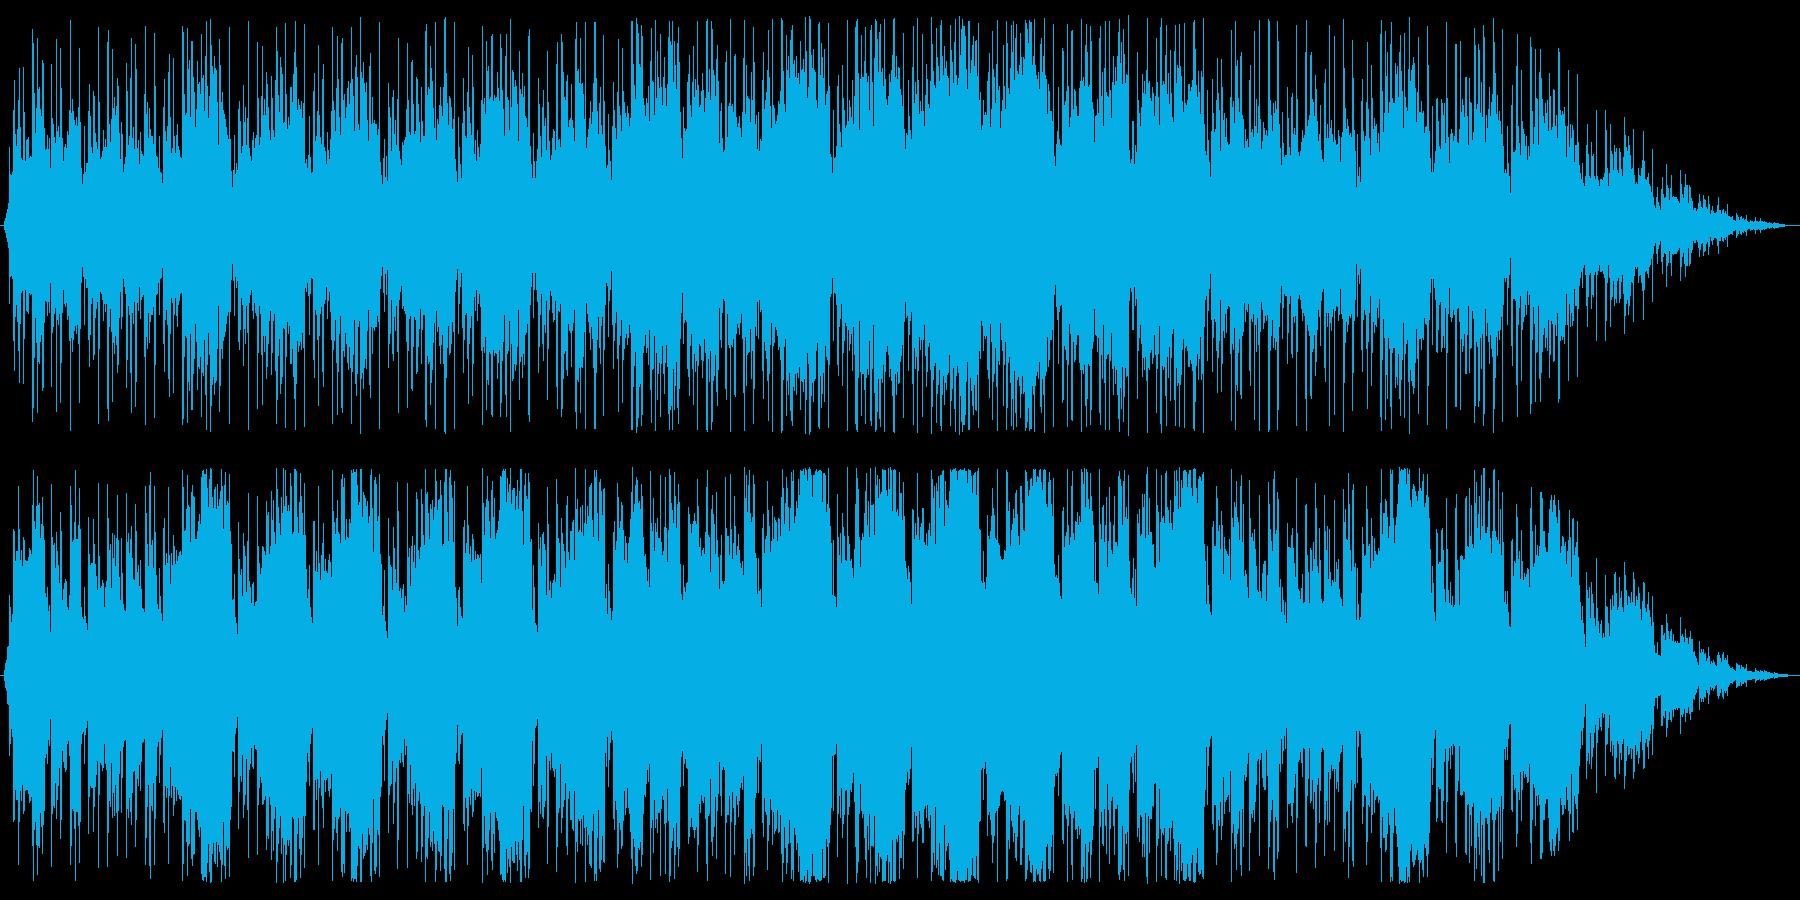 民族的なドラムの楽曲ですが、様々な場面…の再生済みの波形